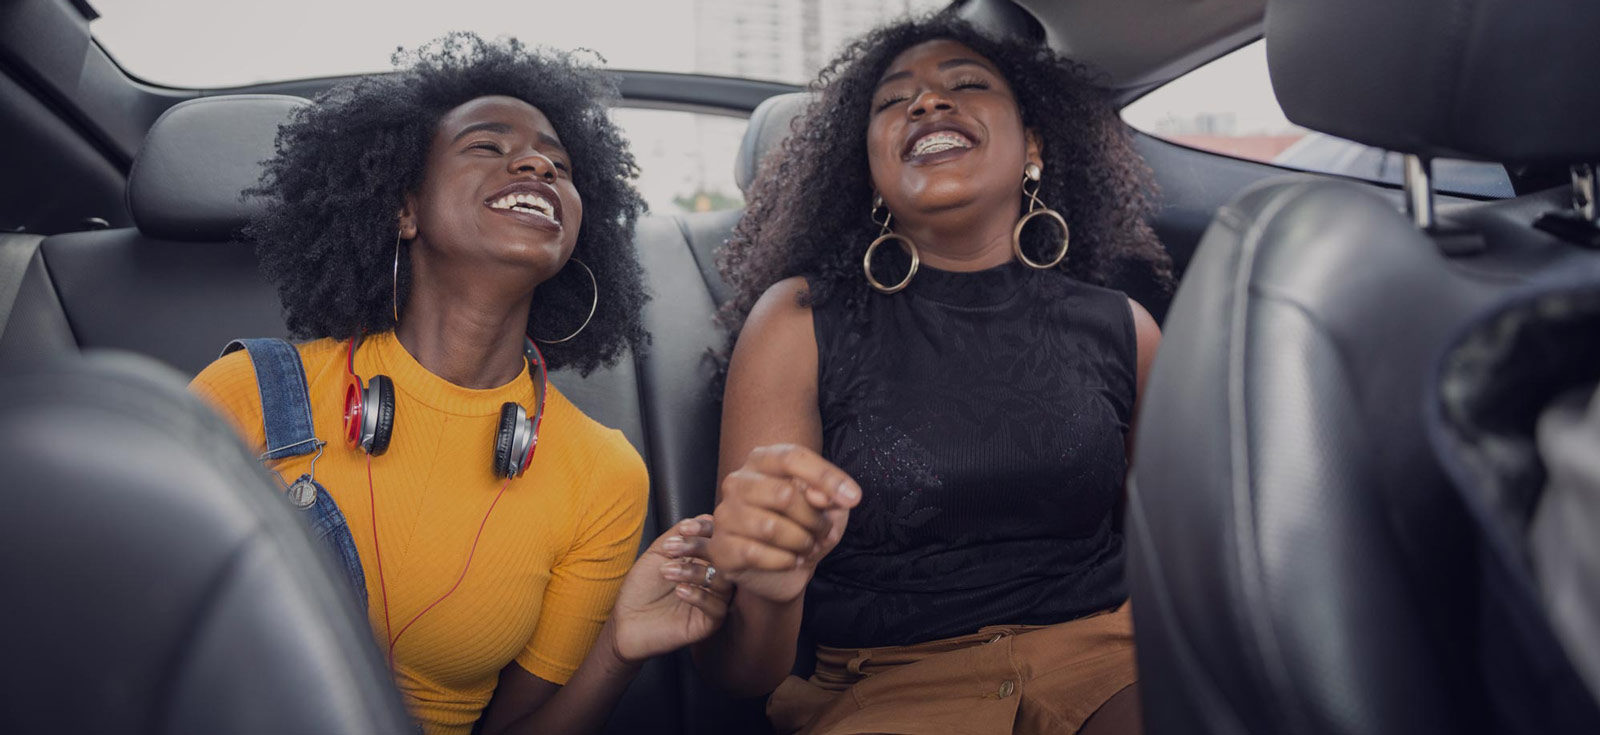 Leasingautoilu on huoletonta sekä autoilijalle että matkustajille.